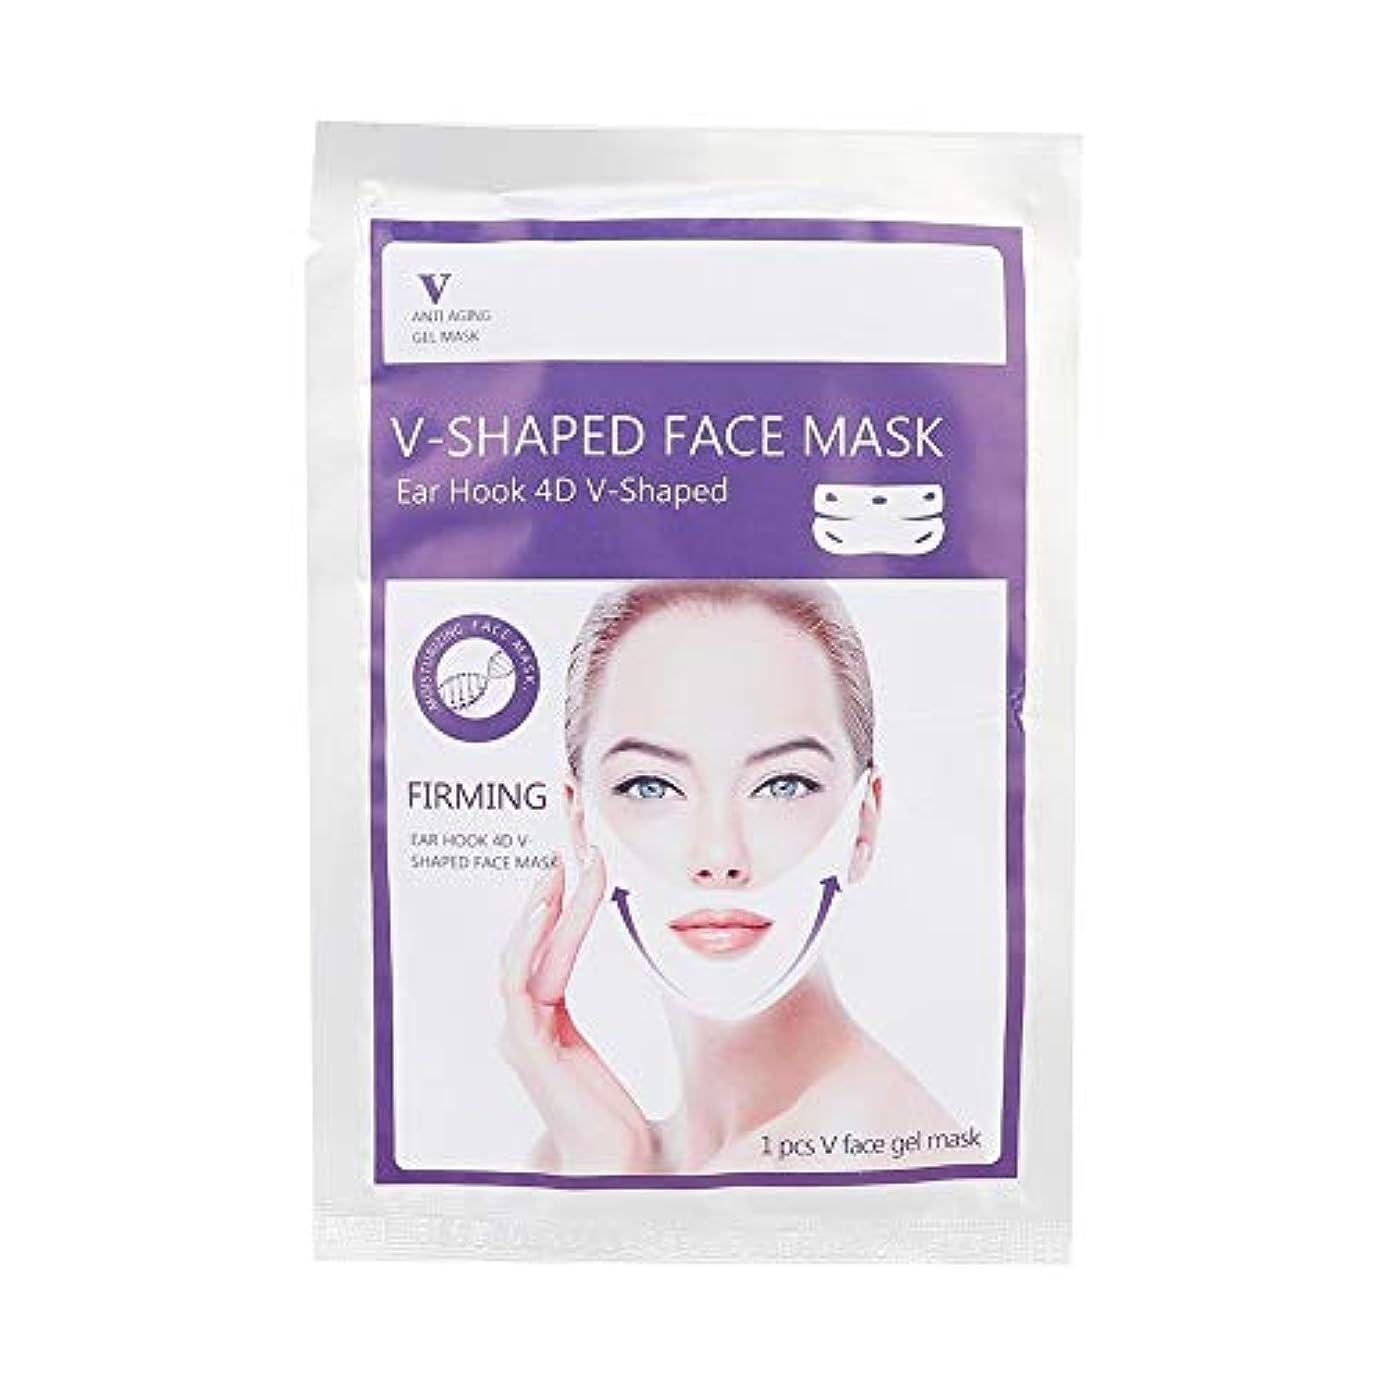 満足させる取り出すハードウェア垂れを解消するために男性と女性のためのリフティングをプロのV字型フェイスマスク、V字型チンマスク+ Vラインネックフェイスリフトマスク+アンチエイジングフェイスをスリム化します。